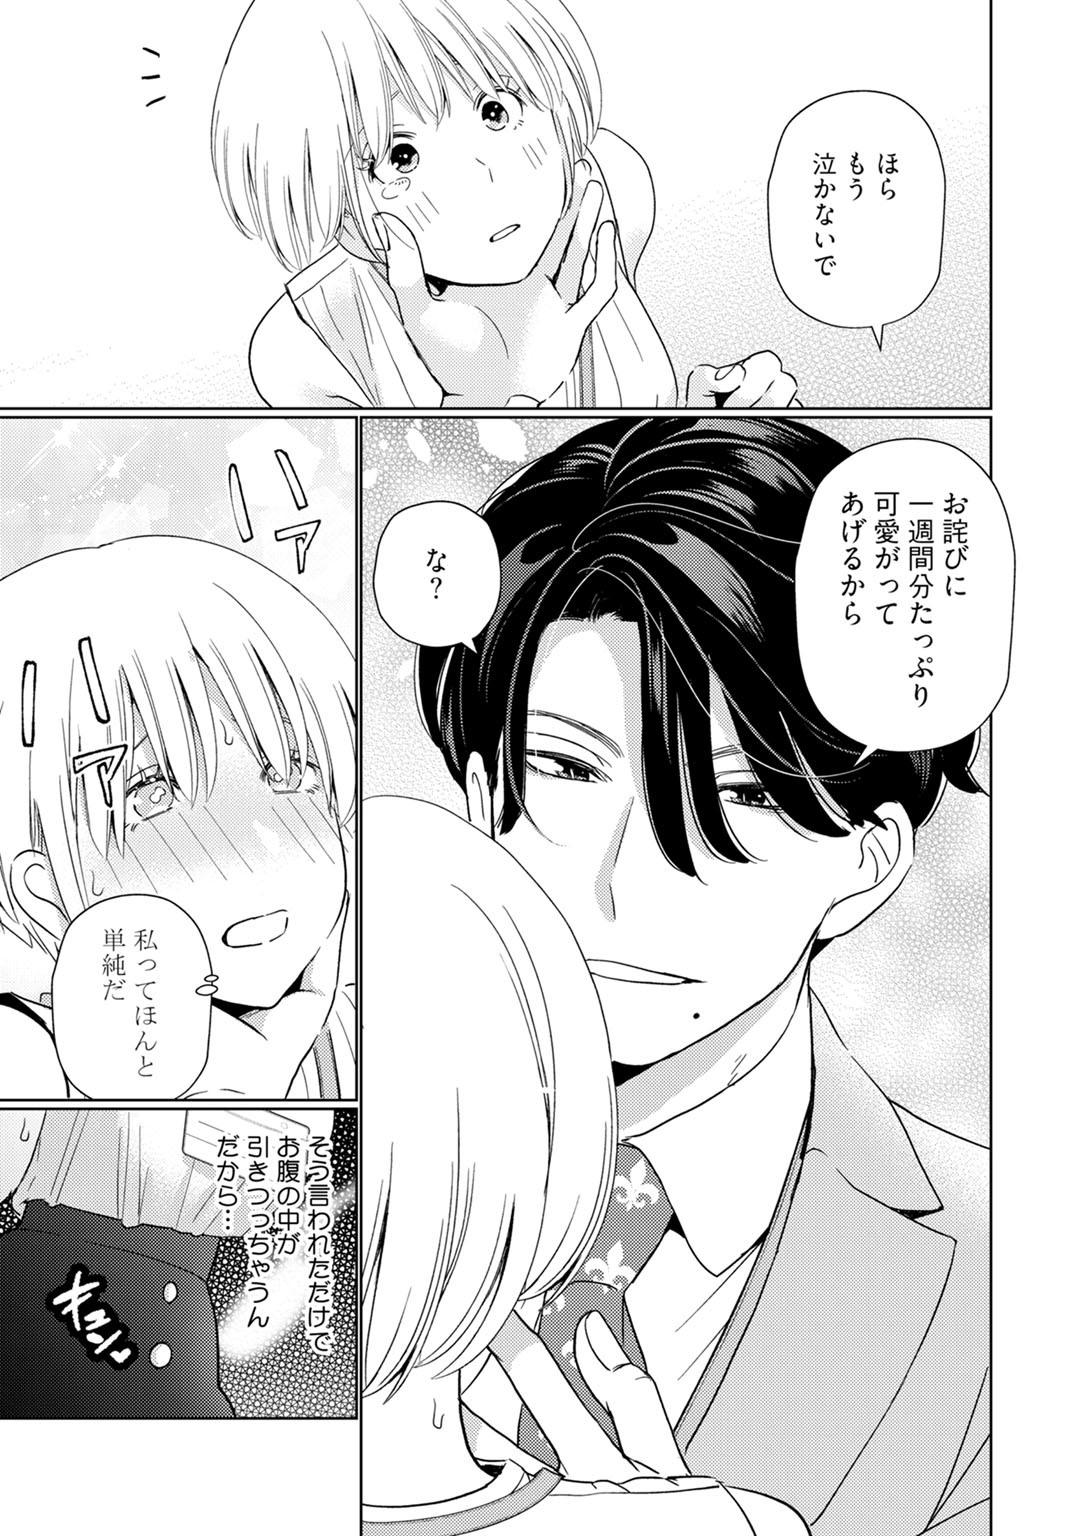 [Okonogi Happa] Kyonyuu-chan to Kyokon Joushi -Kaisha de Musabori Sex- act. 2 20